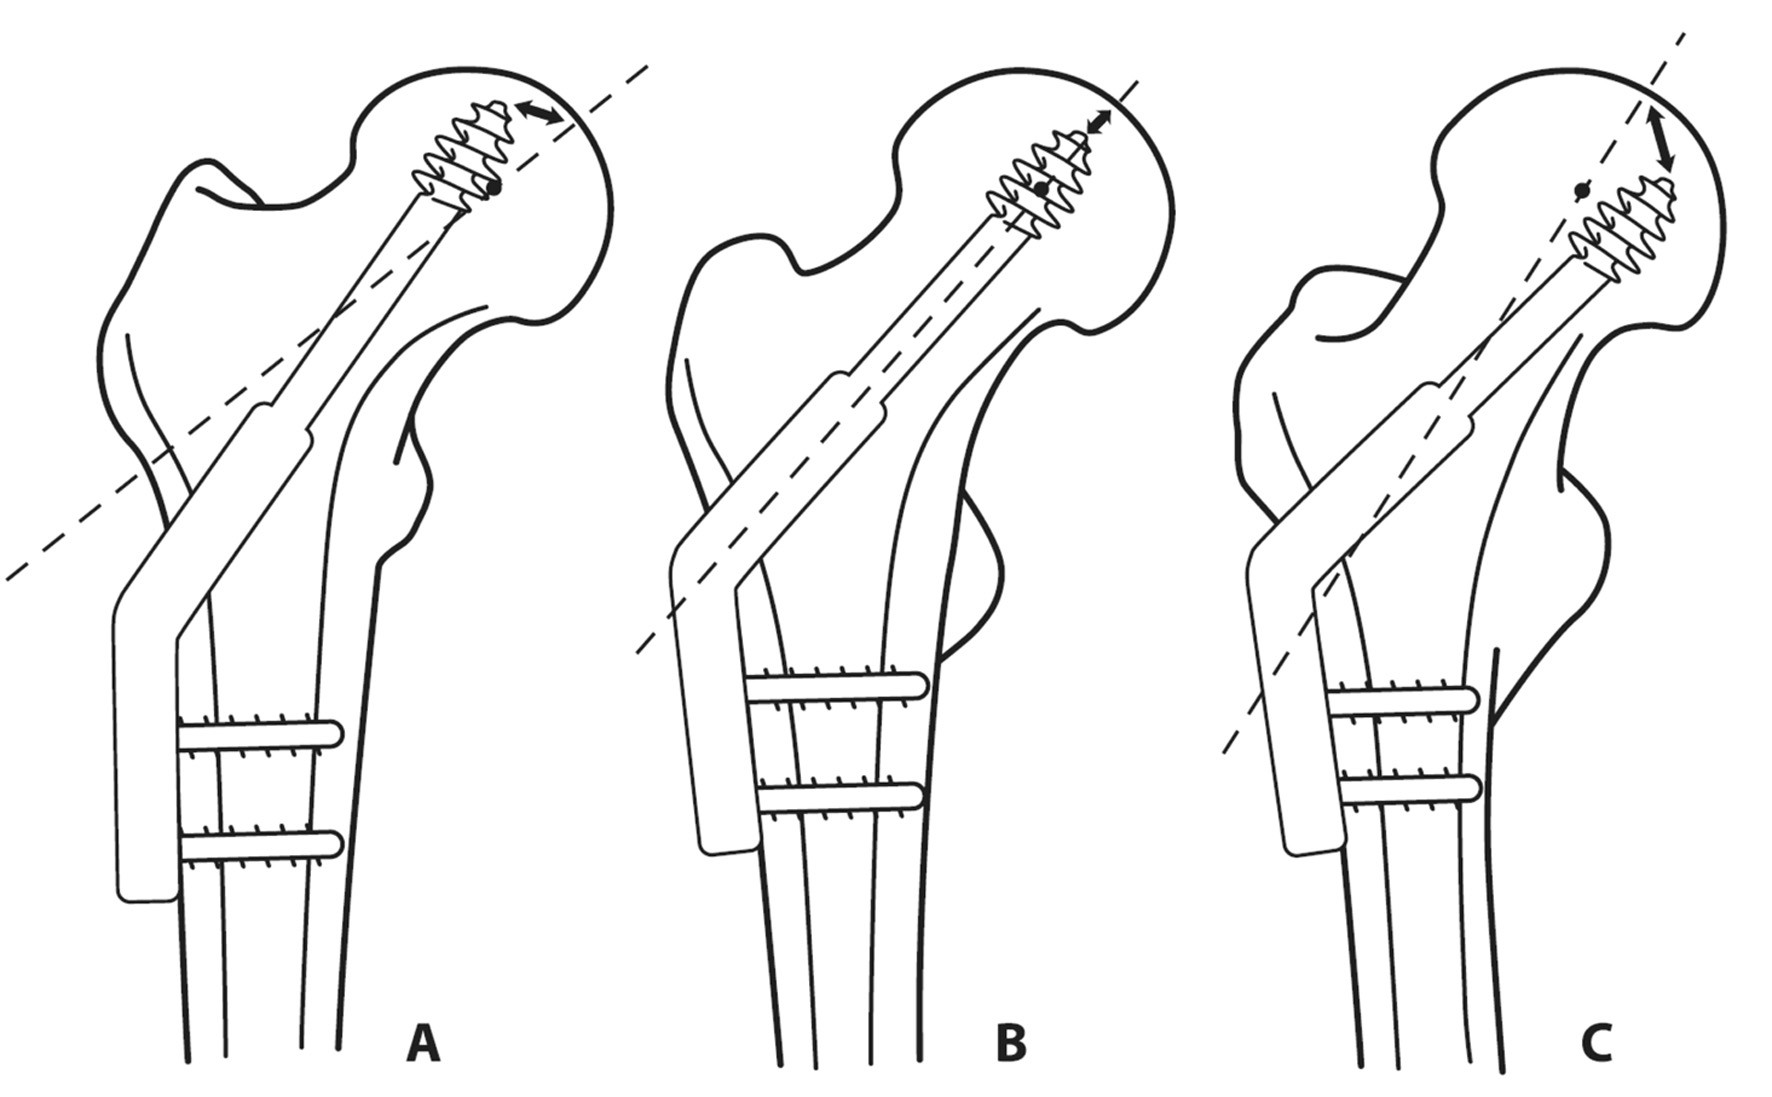 Vztah úhlu repozice a úhlu implantátu Úhel implantátu by měl respektovat úhel repozice: a – úhel implantátu je větší než úhel repozice, špička šroubu směřuje do horní části hlavice, což zvyšuje riziko proříznutí; b – optimální stav, úhel repozice a úhel implantátu jsou totožné, c – úhel implantátu je menší než úhel repozice, protože při kompresi dochází ke skluzu v ose implantátu, směřuje baze krčku proti velkému trochanteru, při velkém rozdílu úhlů může dojít k rotaci proximálního úlomku na šroubu.  Fig. 10: Relation between the reduction angle and the implant angle The implant angle should respect the reduction angle: a – the implant angle is greater than the reduction angle; the screw tip passes in the direction of the upper part of the femoral head which increases the risk of perforation; b – optimal condition, the reduction angle and the implant angle are identical, c – the implant angle is smaller than the reduction angle; as there occurs gliding along the axis of the implant during compression, the base of the femoral neck is directed toward the greater trochanter; a significant difference in the angles may result in rotation of the proximal fragment on the screw.